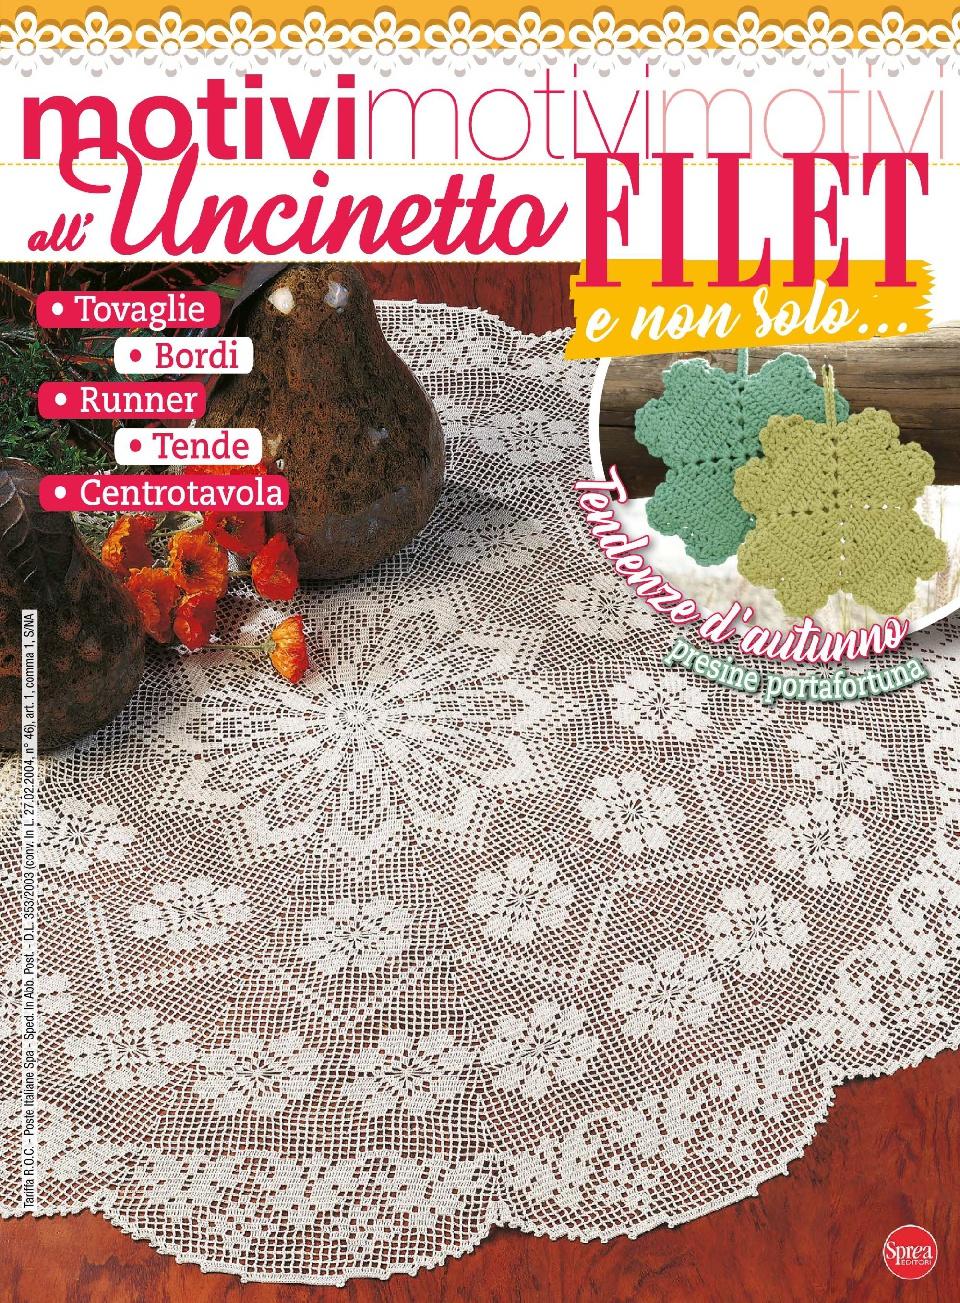 37Motivi-all-Uncinetto18-001